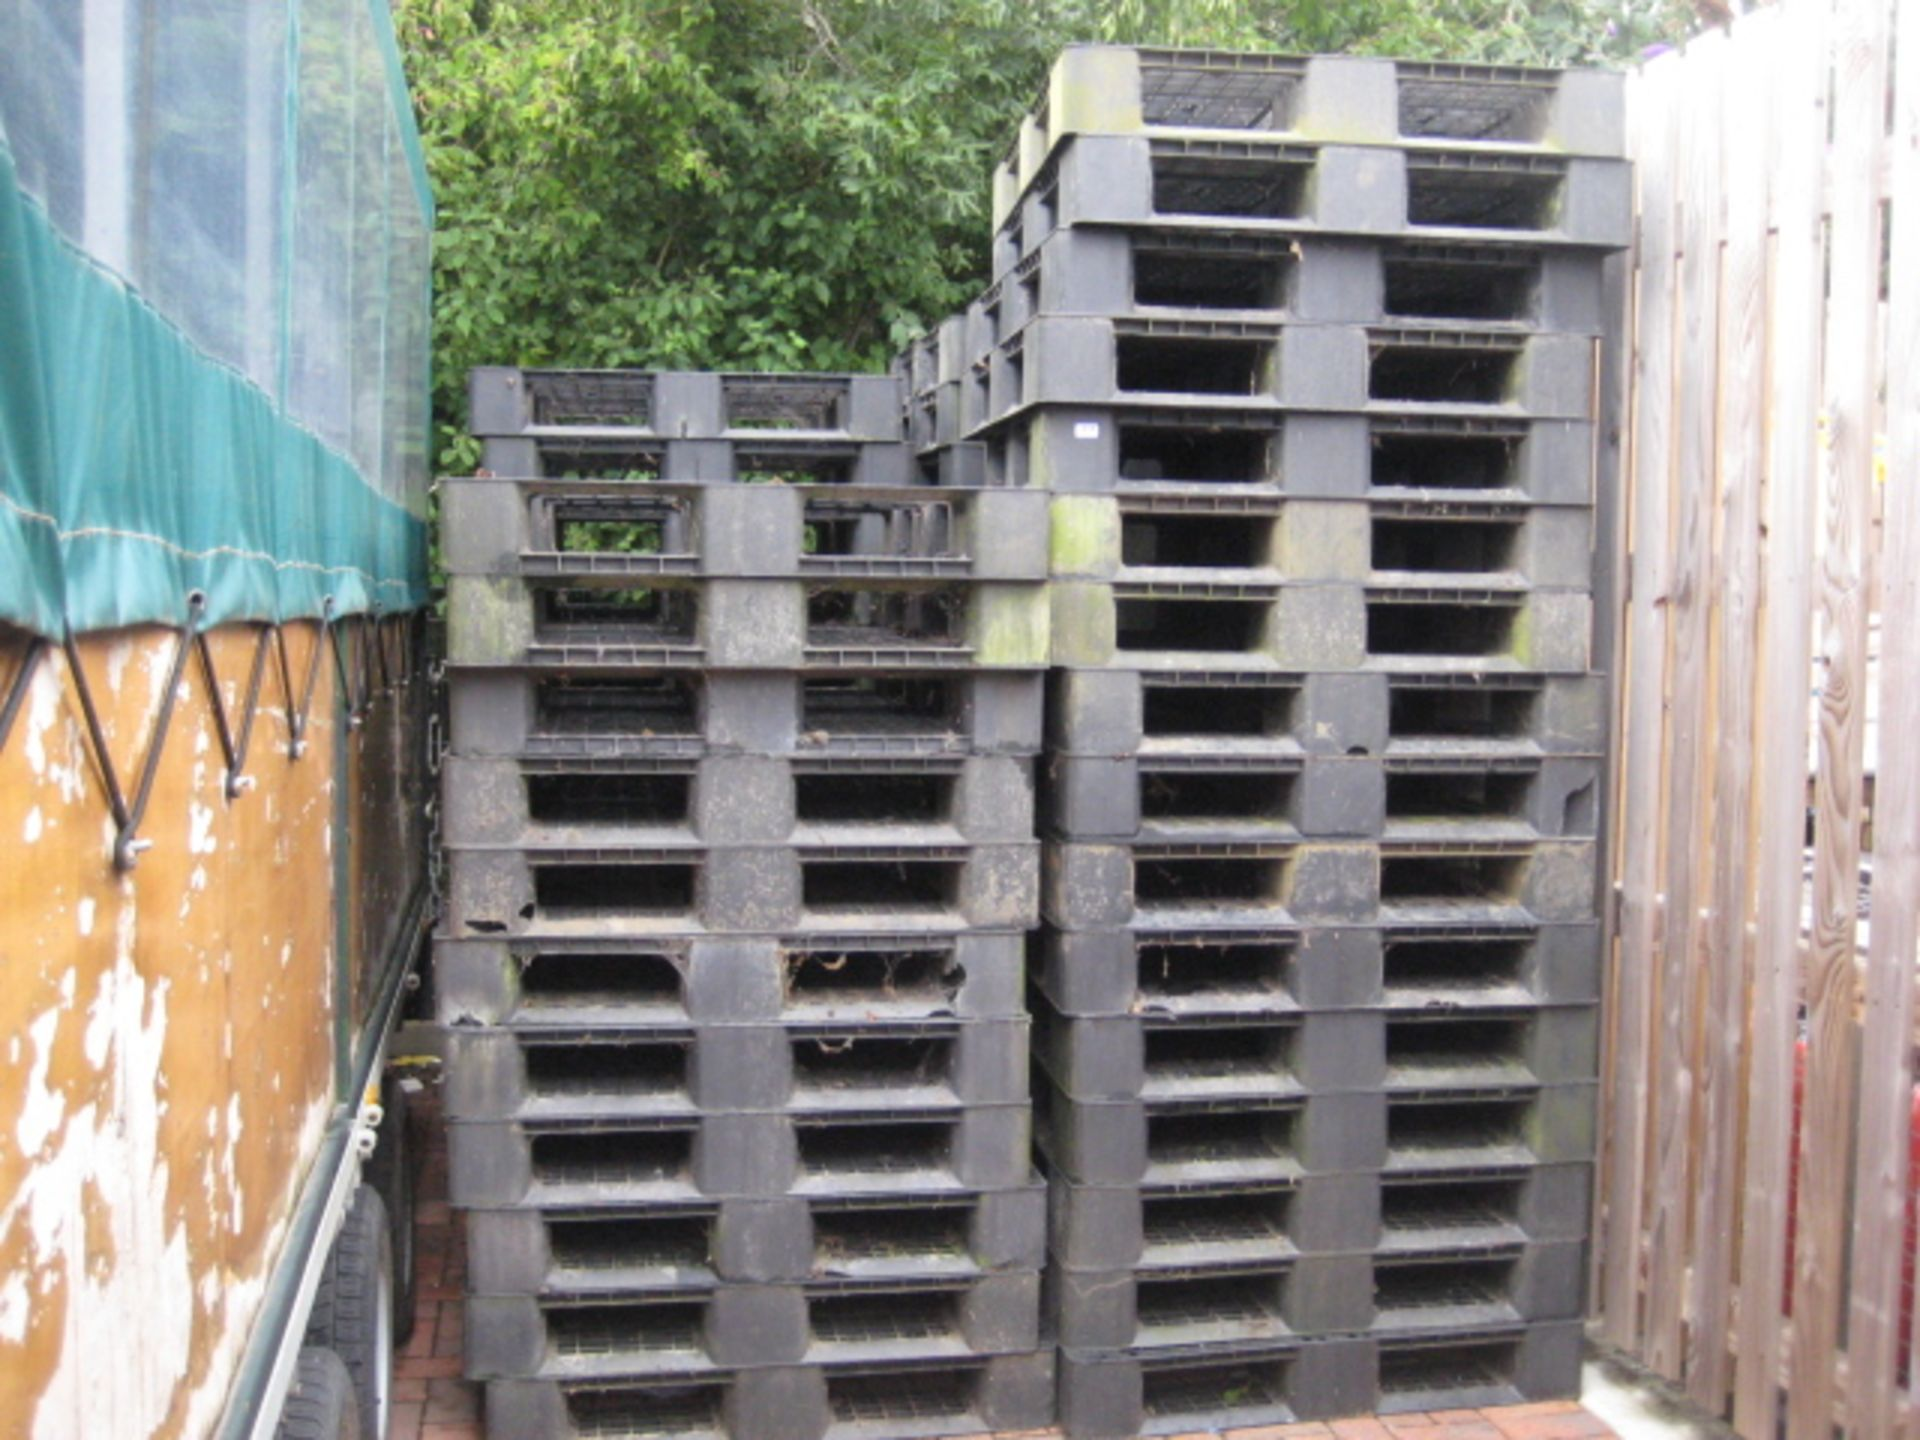 Lot 4119 - Large quantity of black plastic GRP pallets